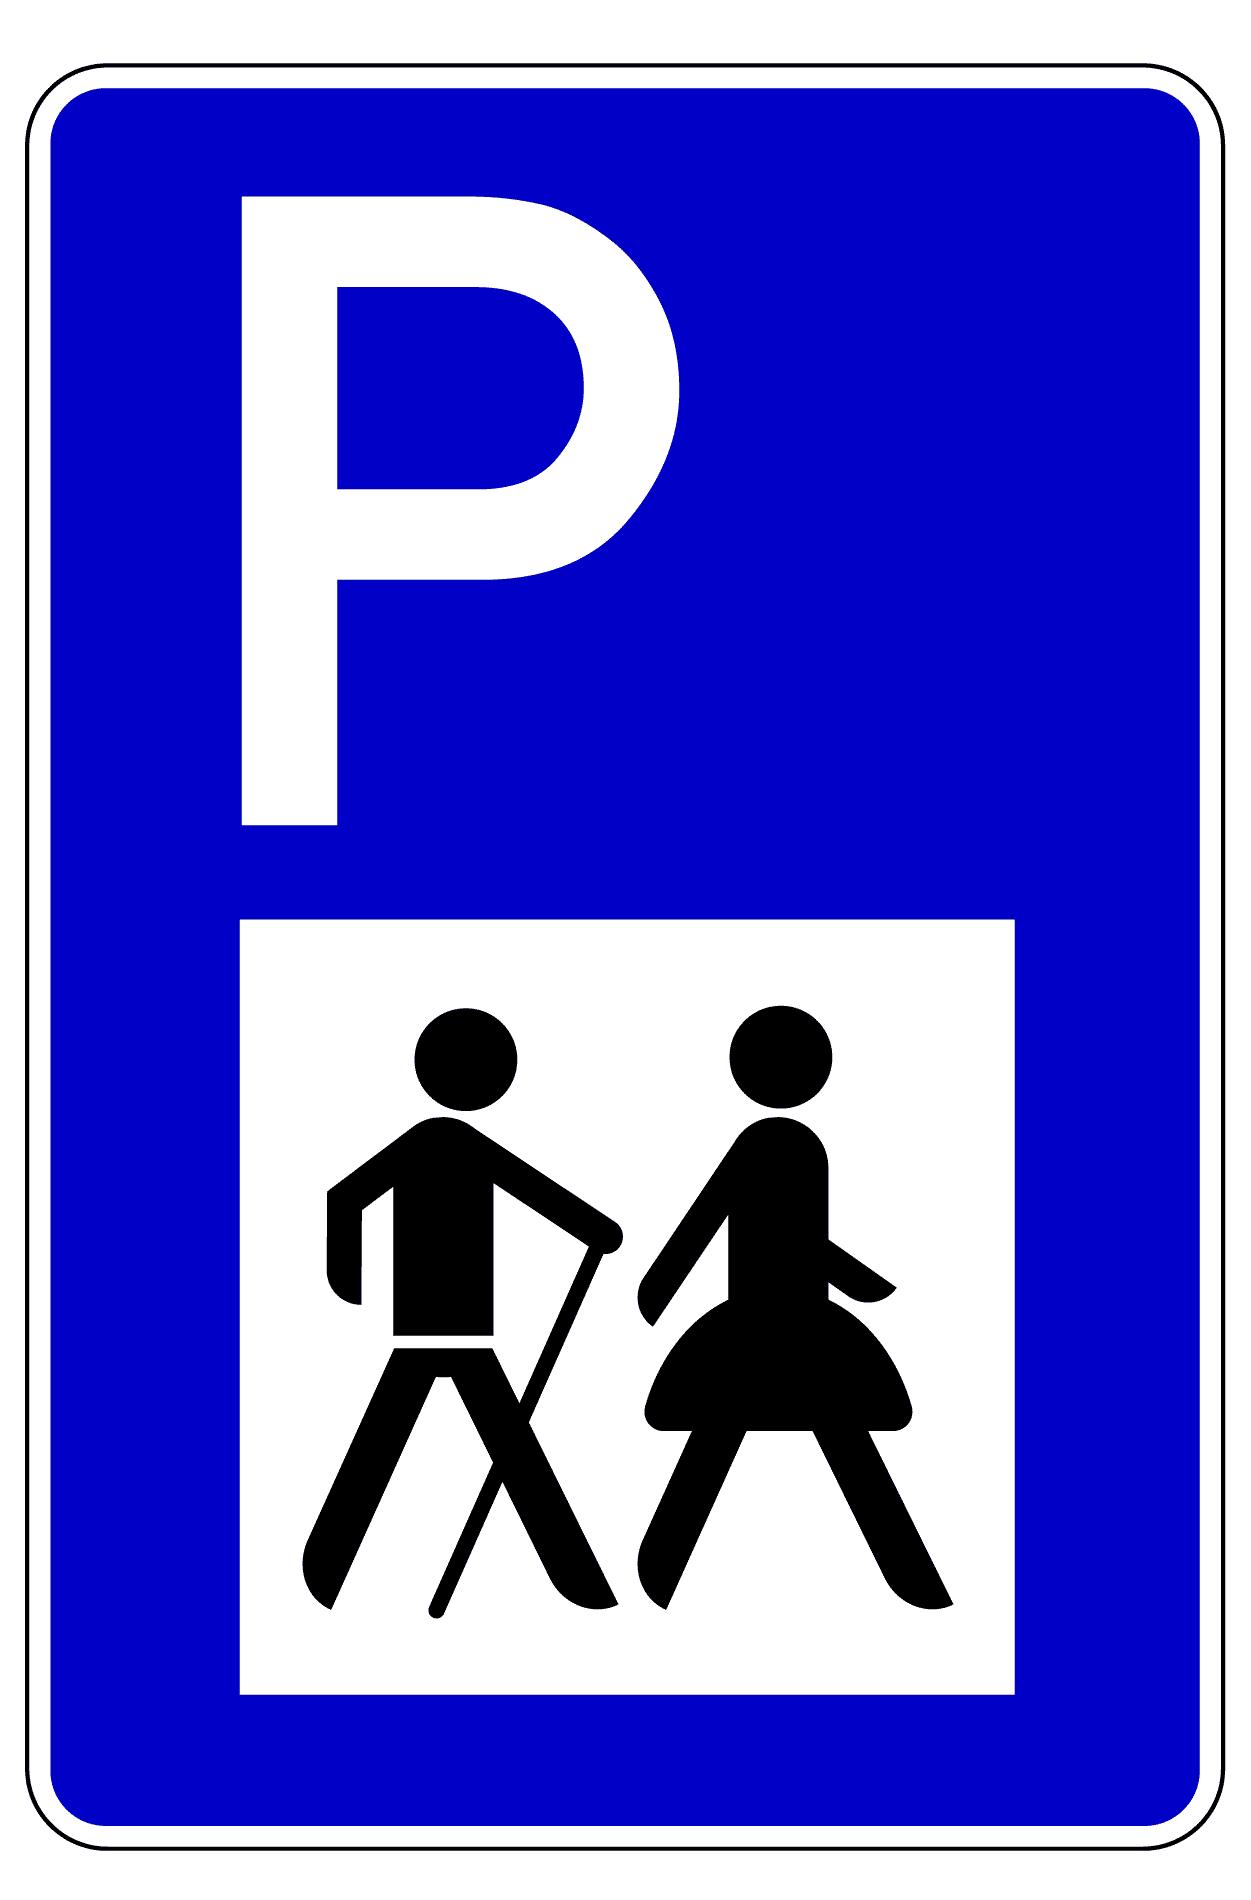 Verkehrszeichen 317